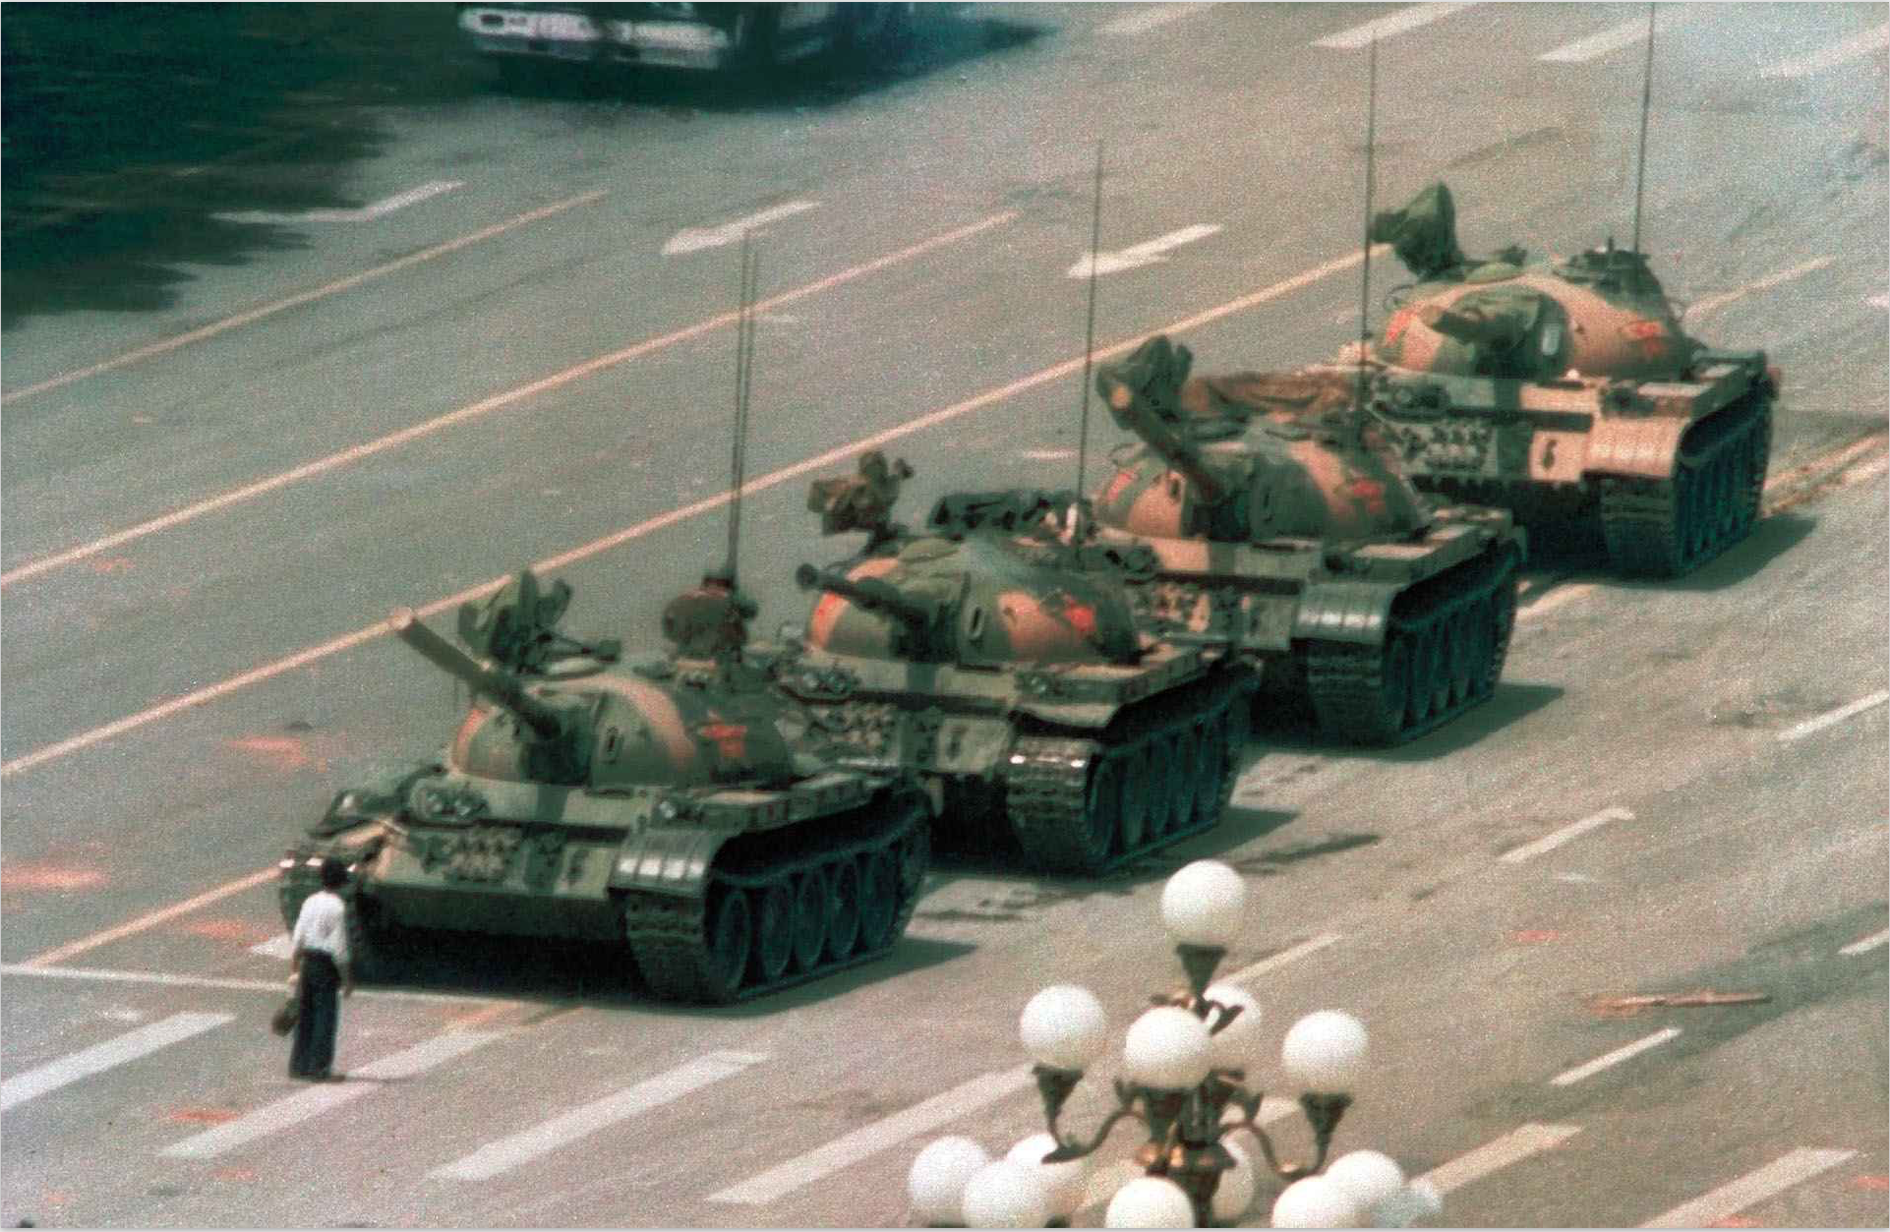 Tank Man by Jeff Widener (1989)